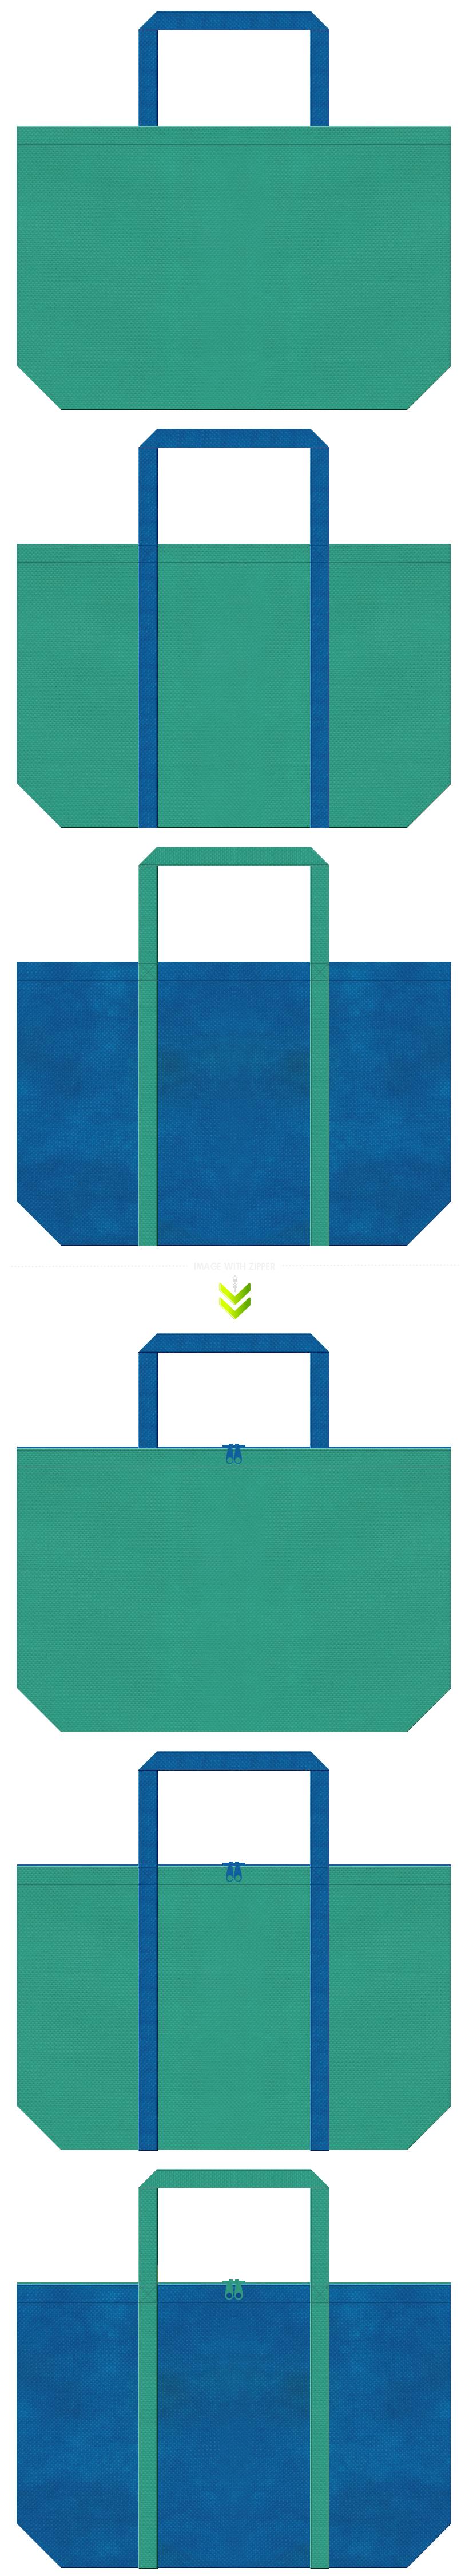 青魚・DHA・サプリメント・青信号・LED・人工知能・環境セミナー・CO2削減・地球環境・マイバッグ・エコバッグにお奨めの不織布バッグデザイン:青緑色と青色のコーデ